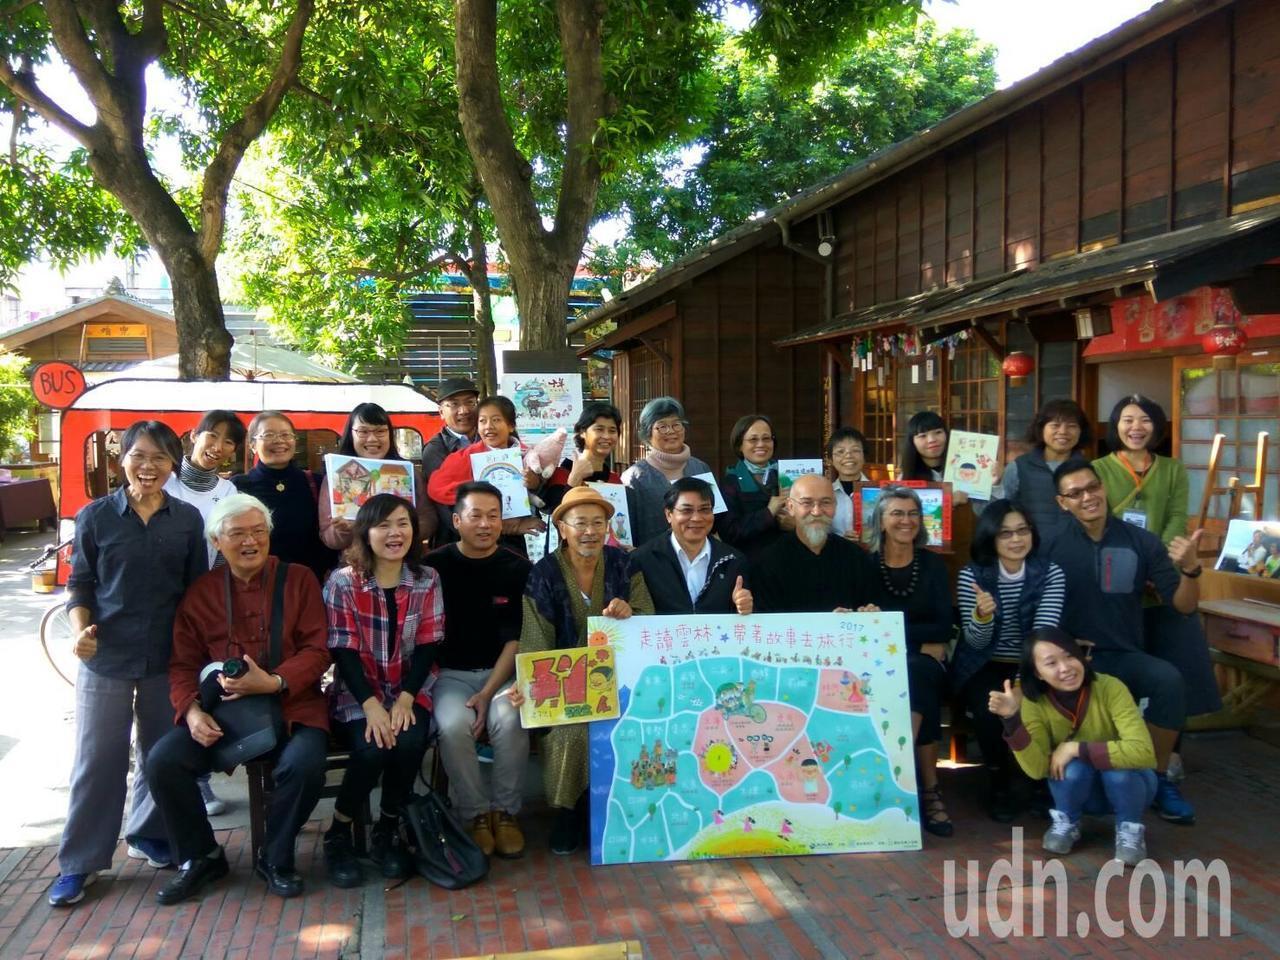 雲林故事館10歲生日記者會,國內外故事人聚一堂,分享喜悅。記者蔡維斌/攝影